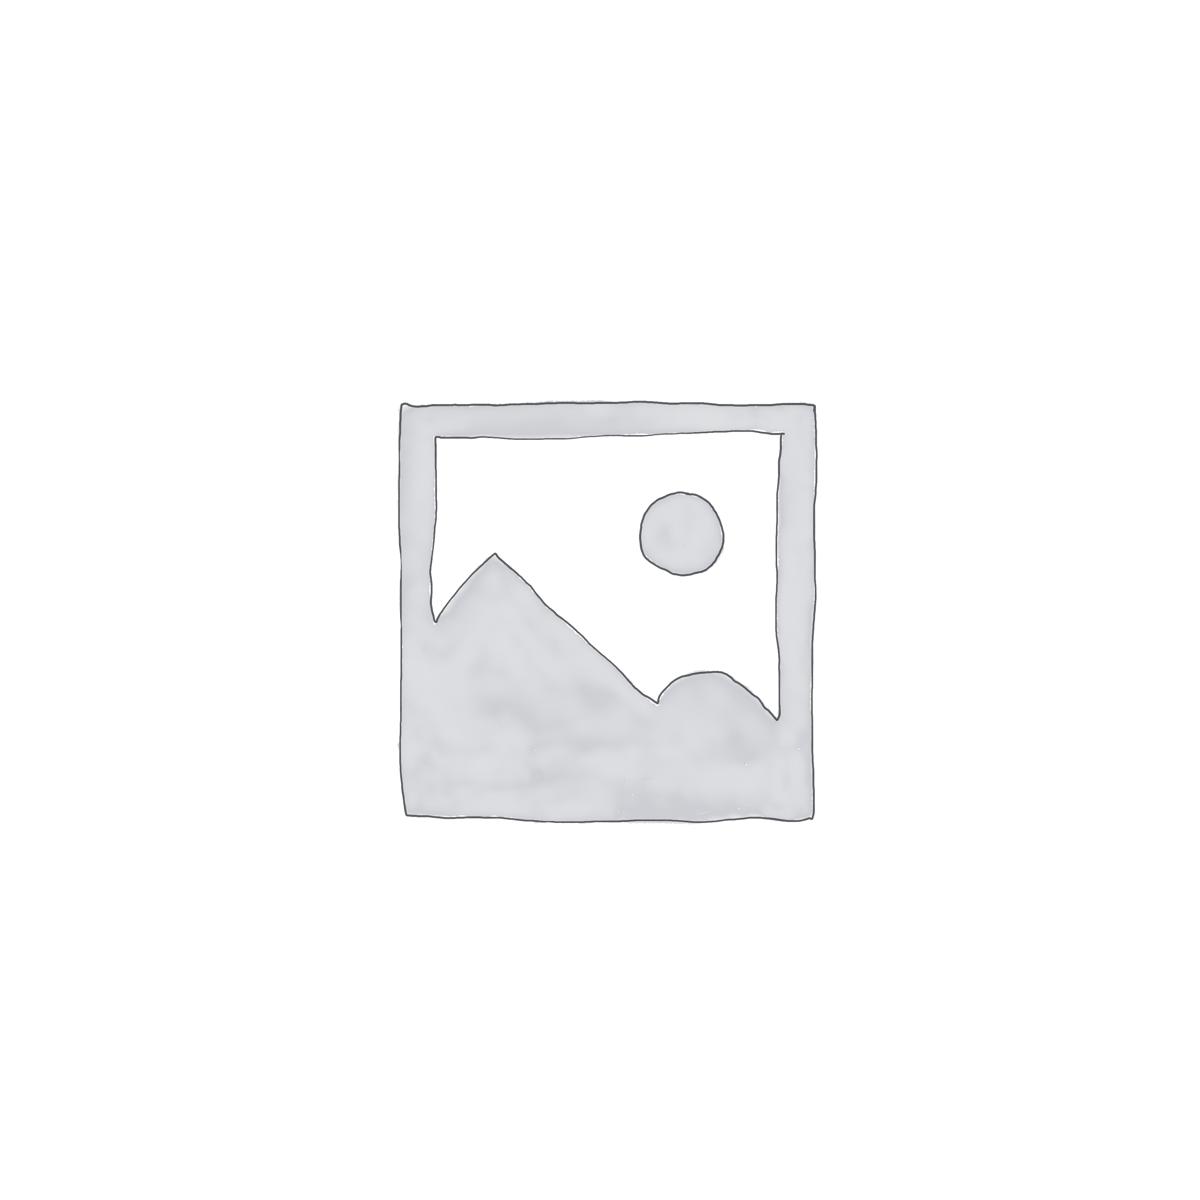 Black and White Flower Wallpaper Mural - Wallpaper • Wallmur®